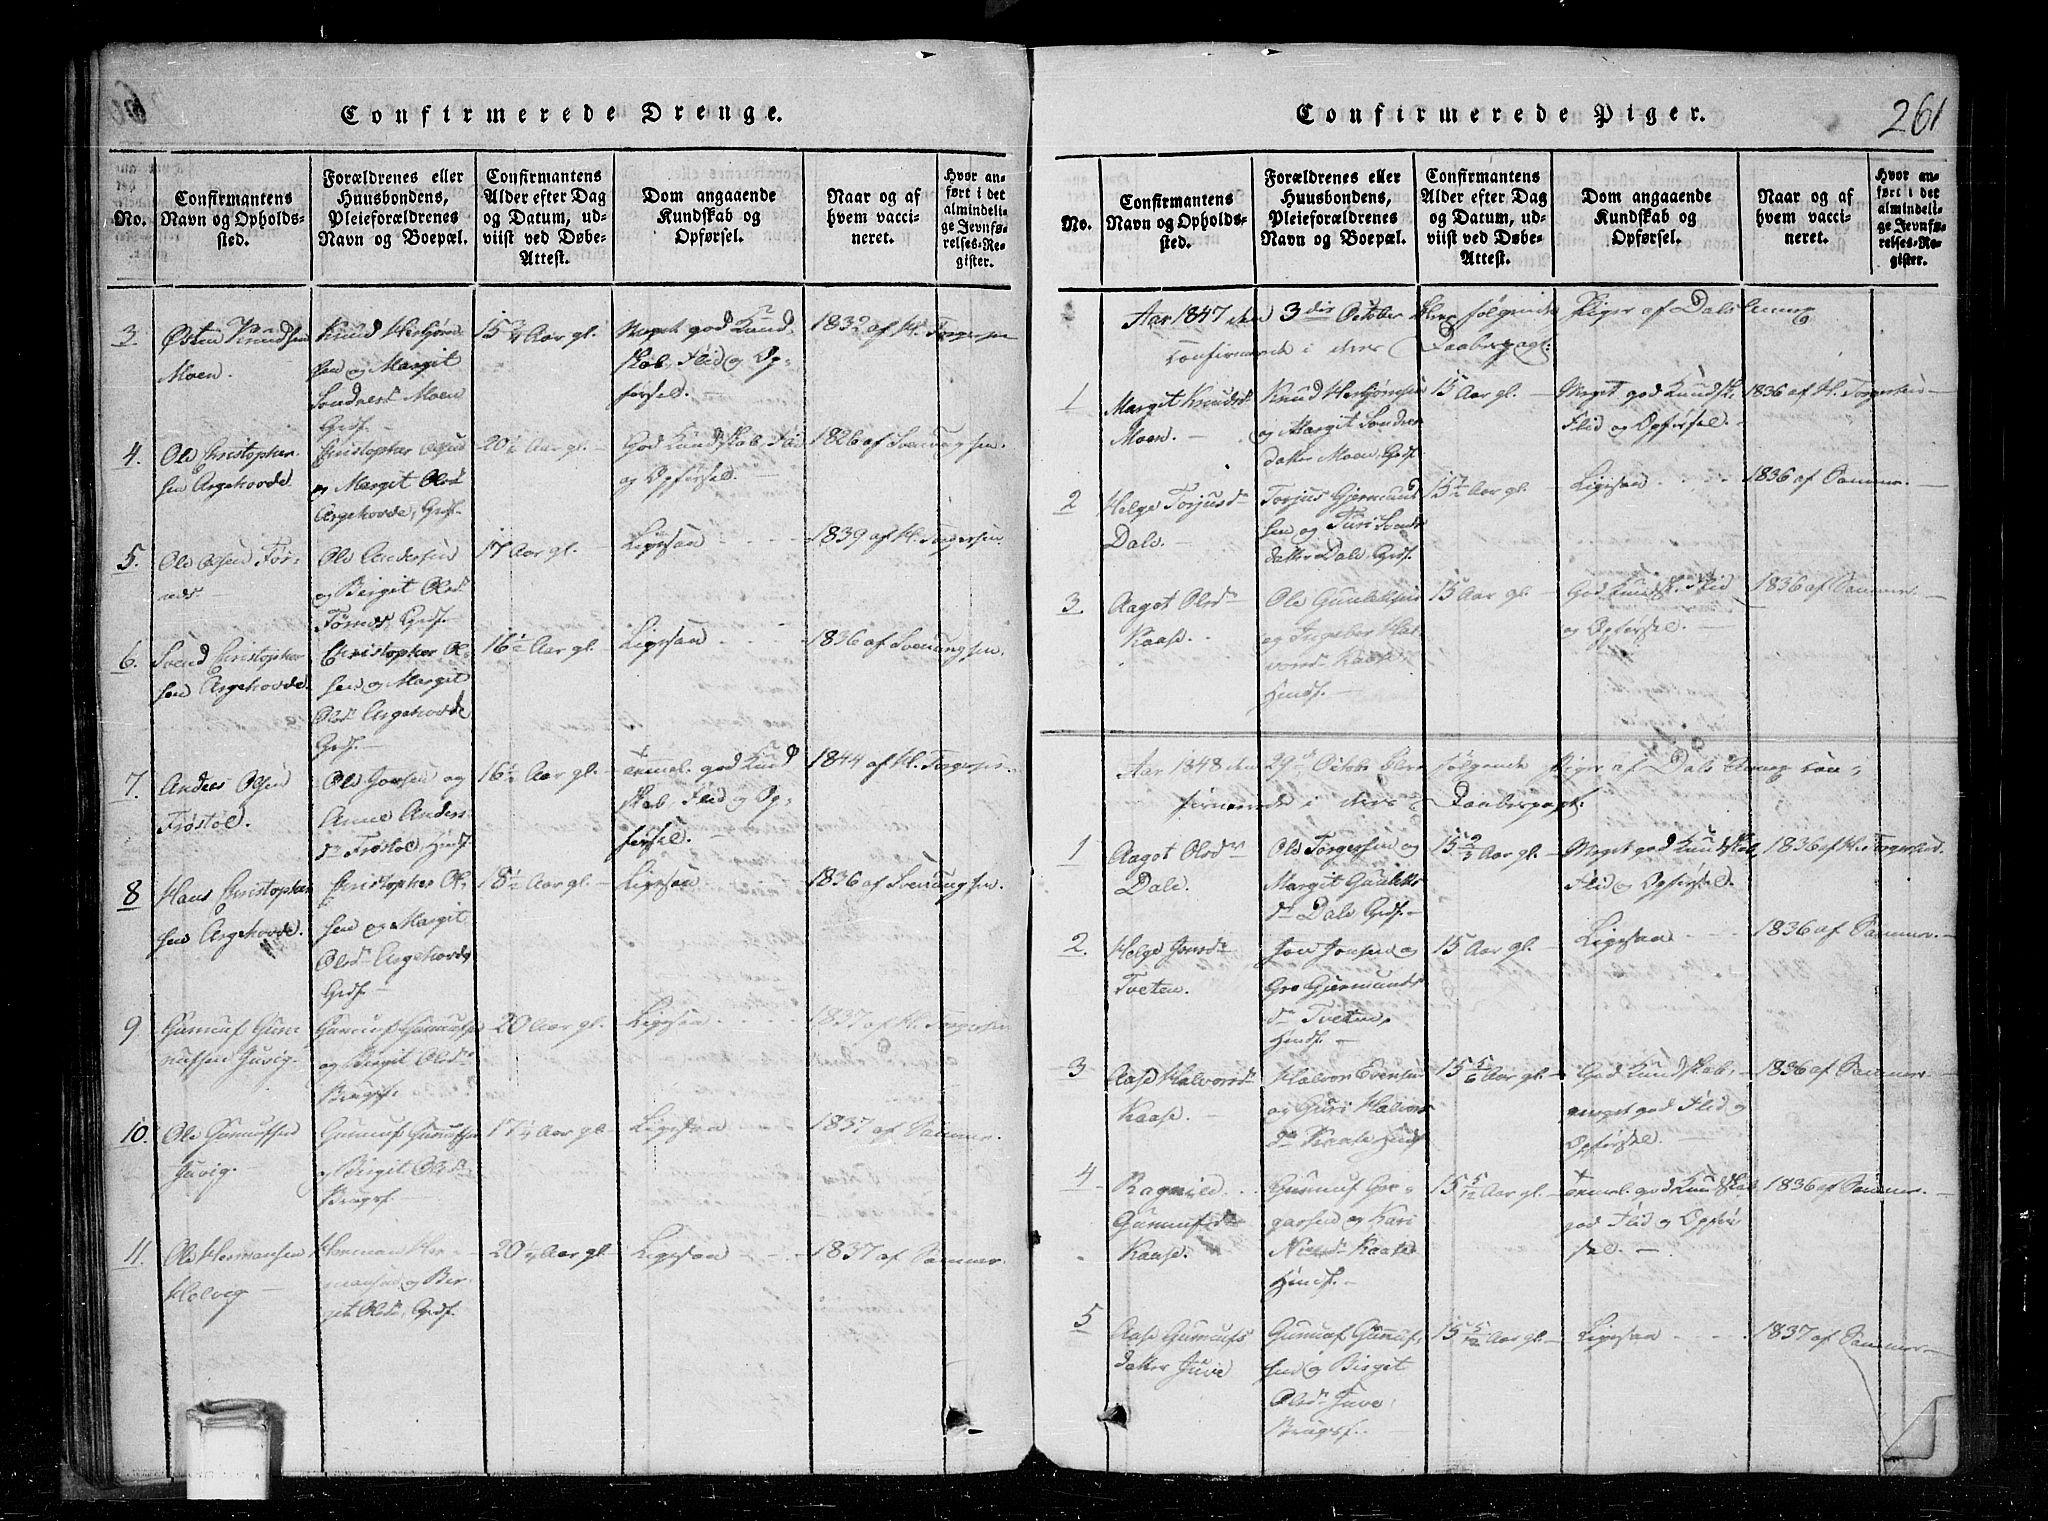 SAKO, Tinn kirkebøker, G/Gc/L0001: Klokkerbok nr. III 1, 1815-1879, s. 261